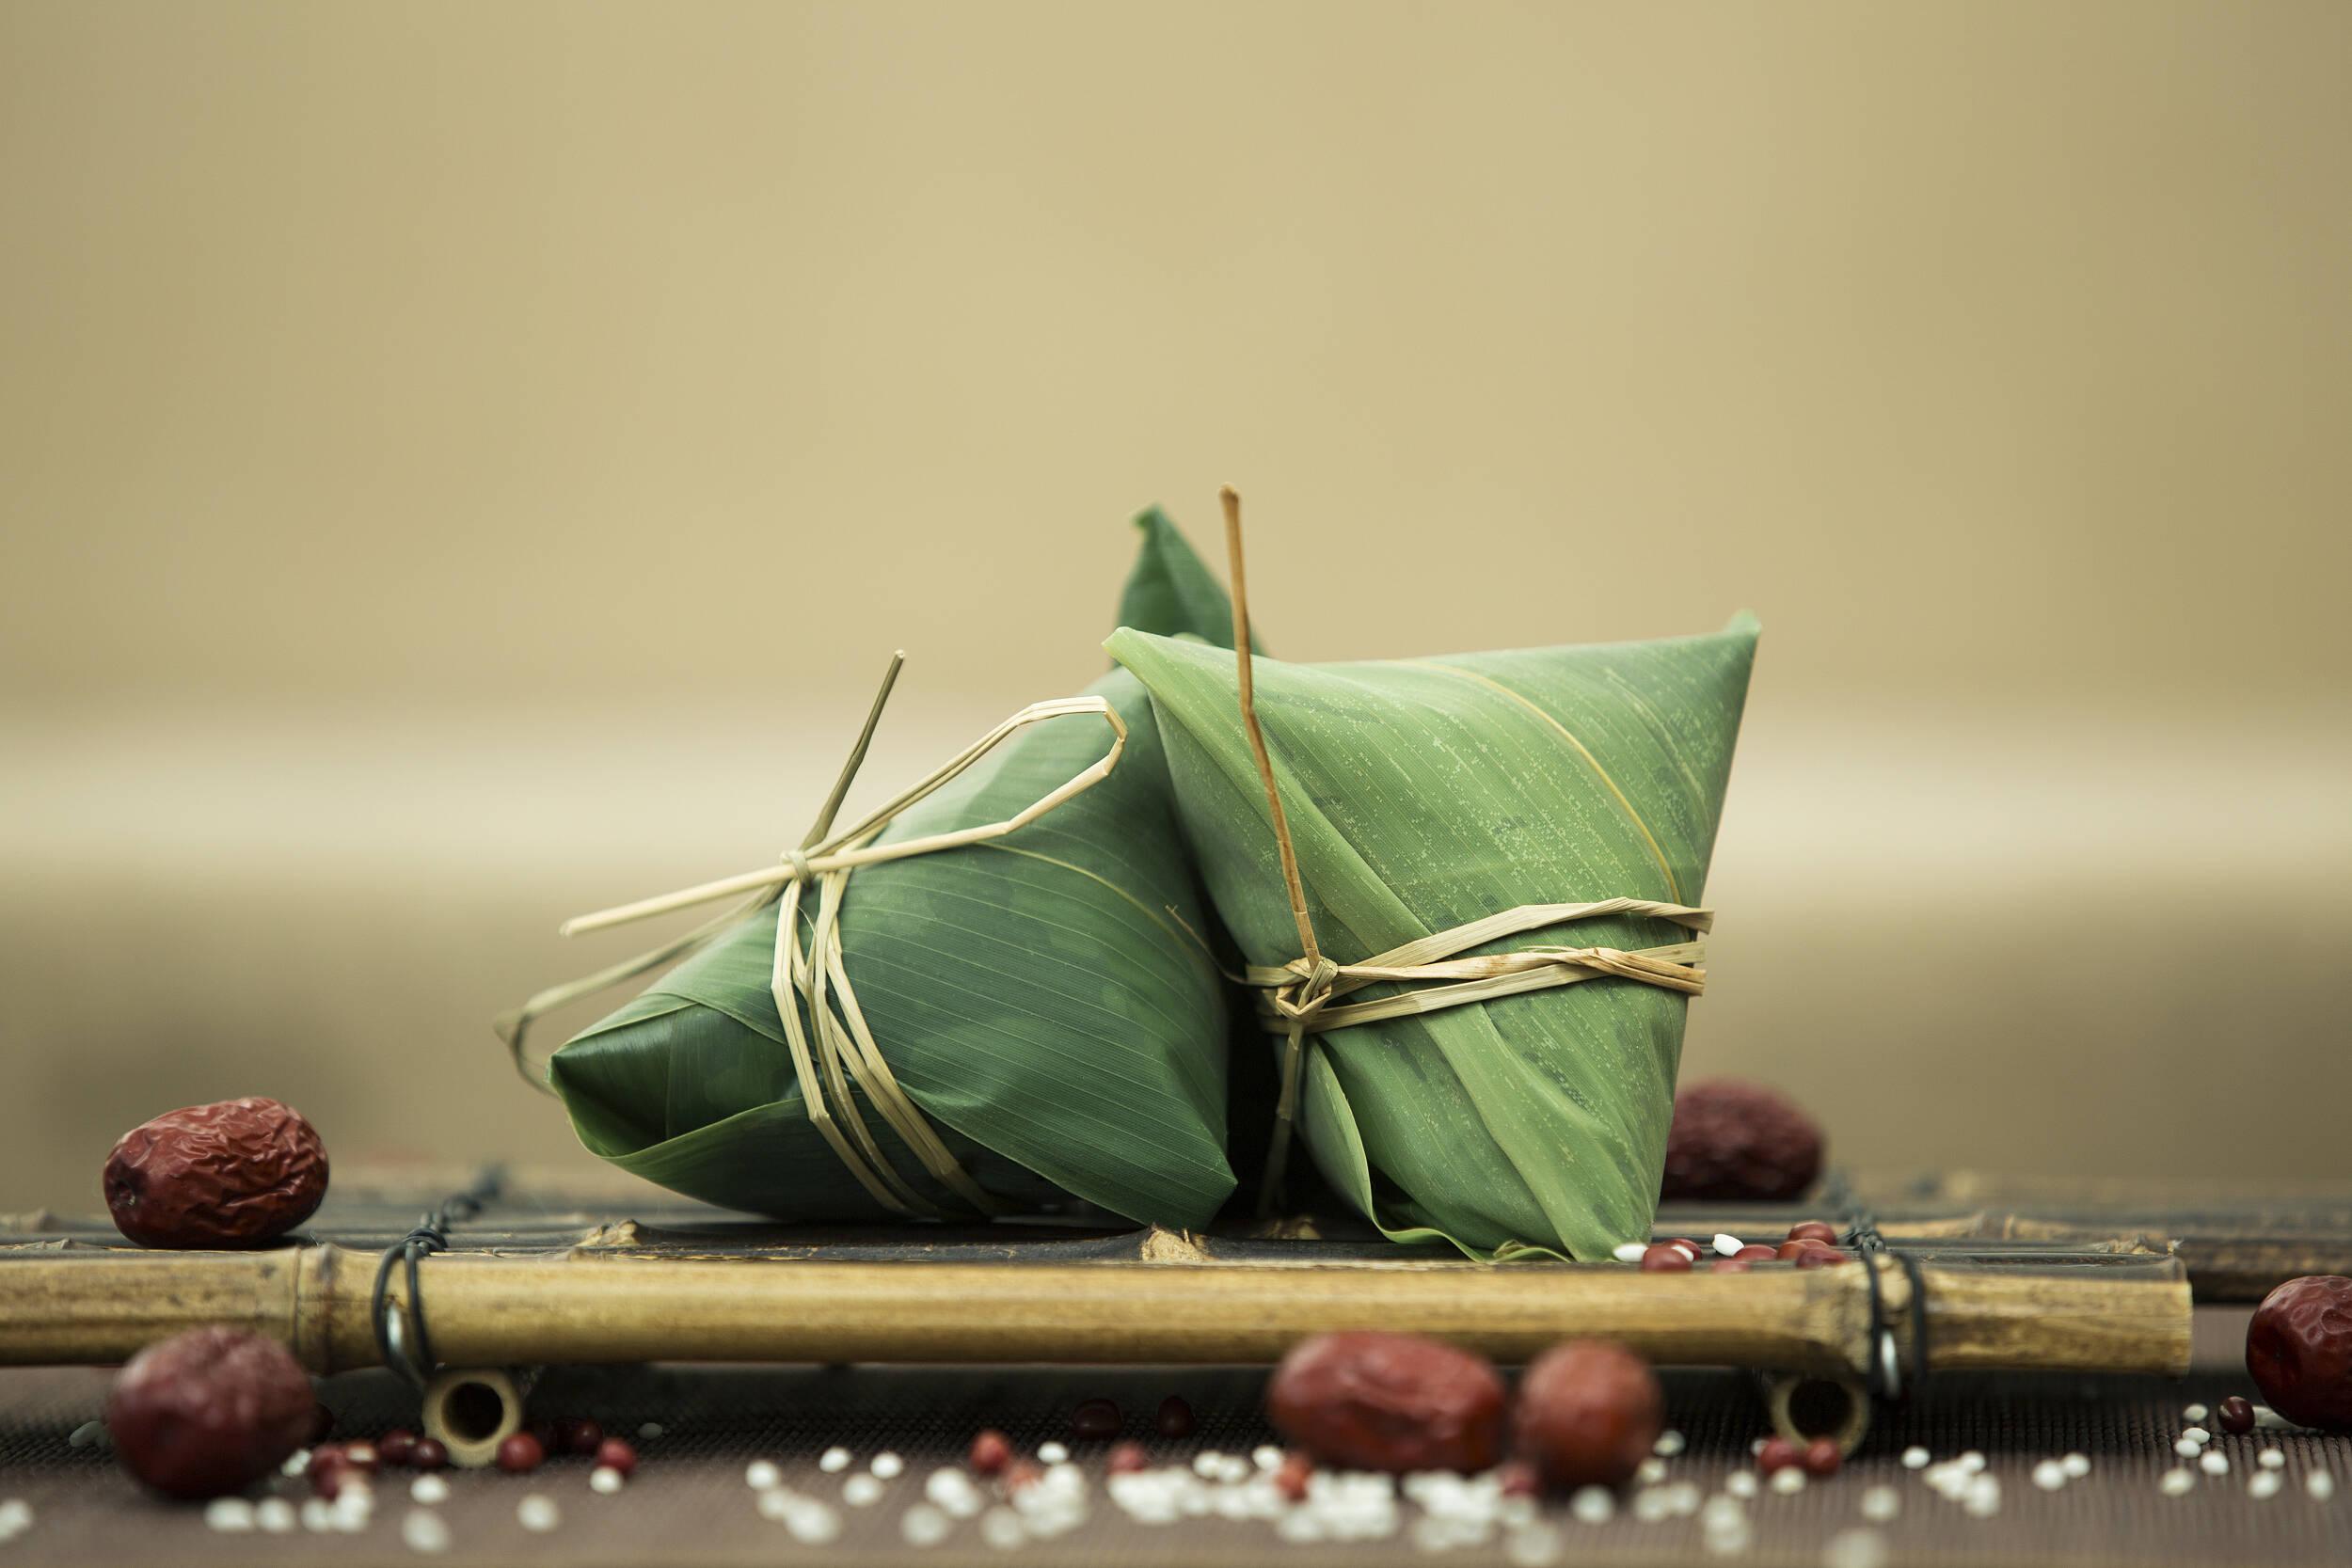 放心吃粽子!济南市场监管部门在全市开展粽子专项监督抽检25批次,全部合格